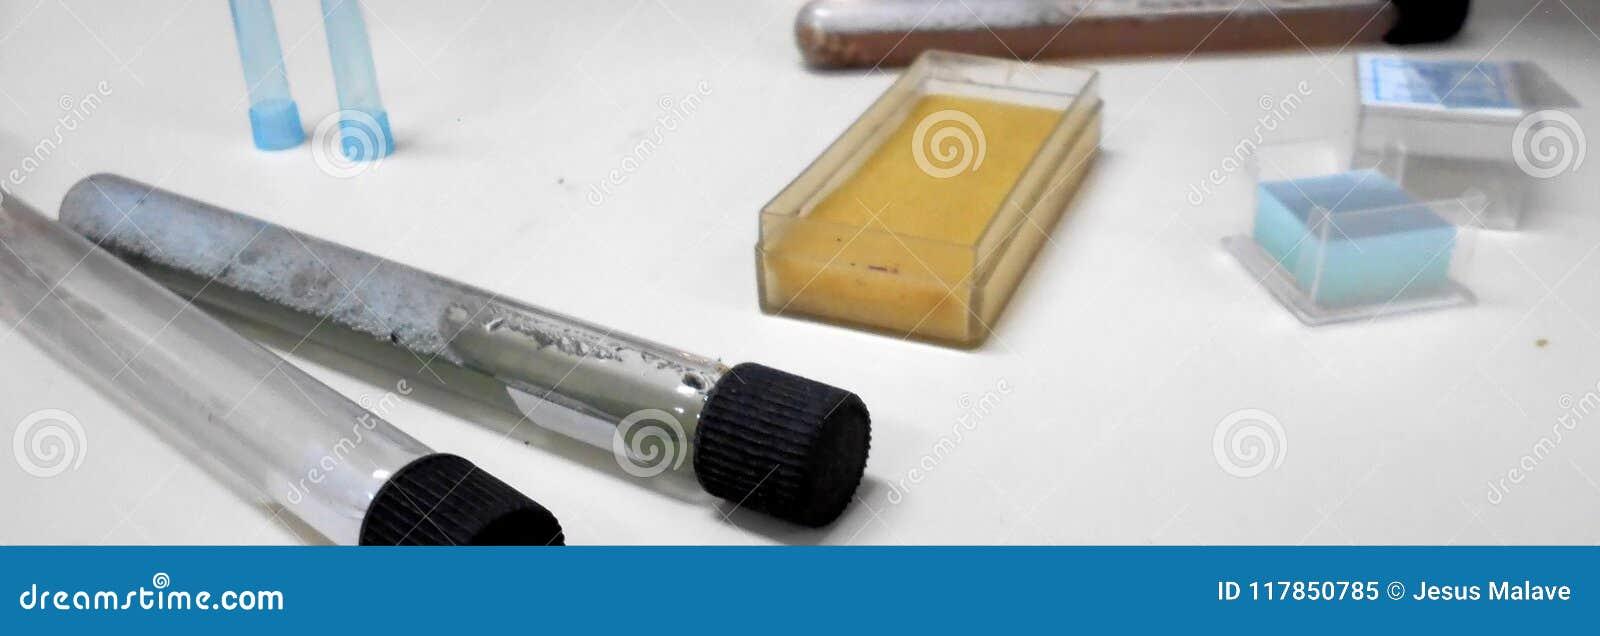 Materiali del laboratorio per le prove